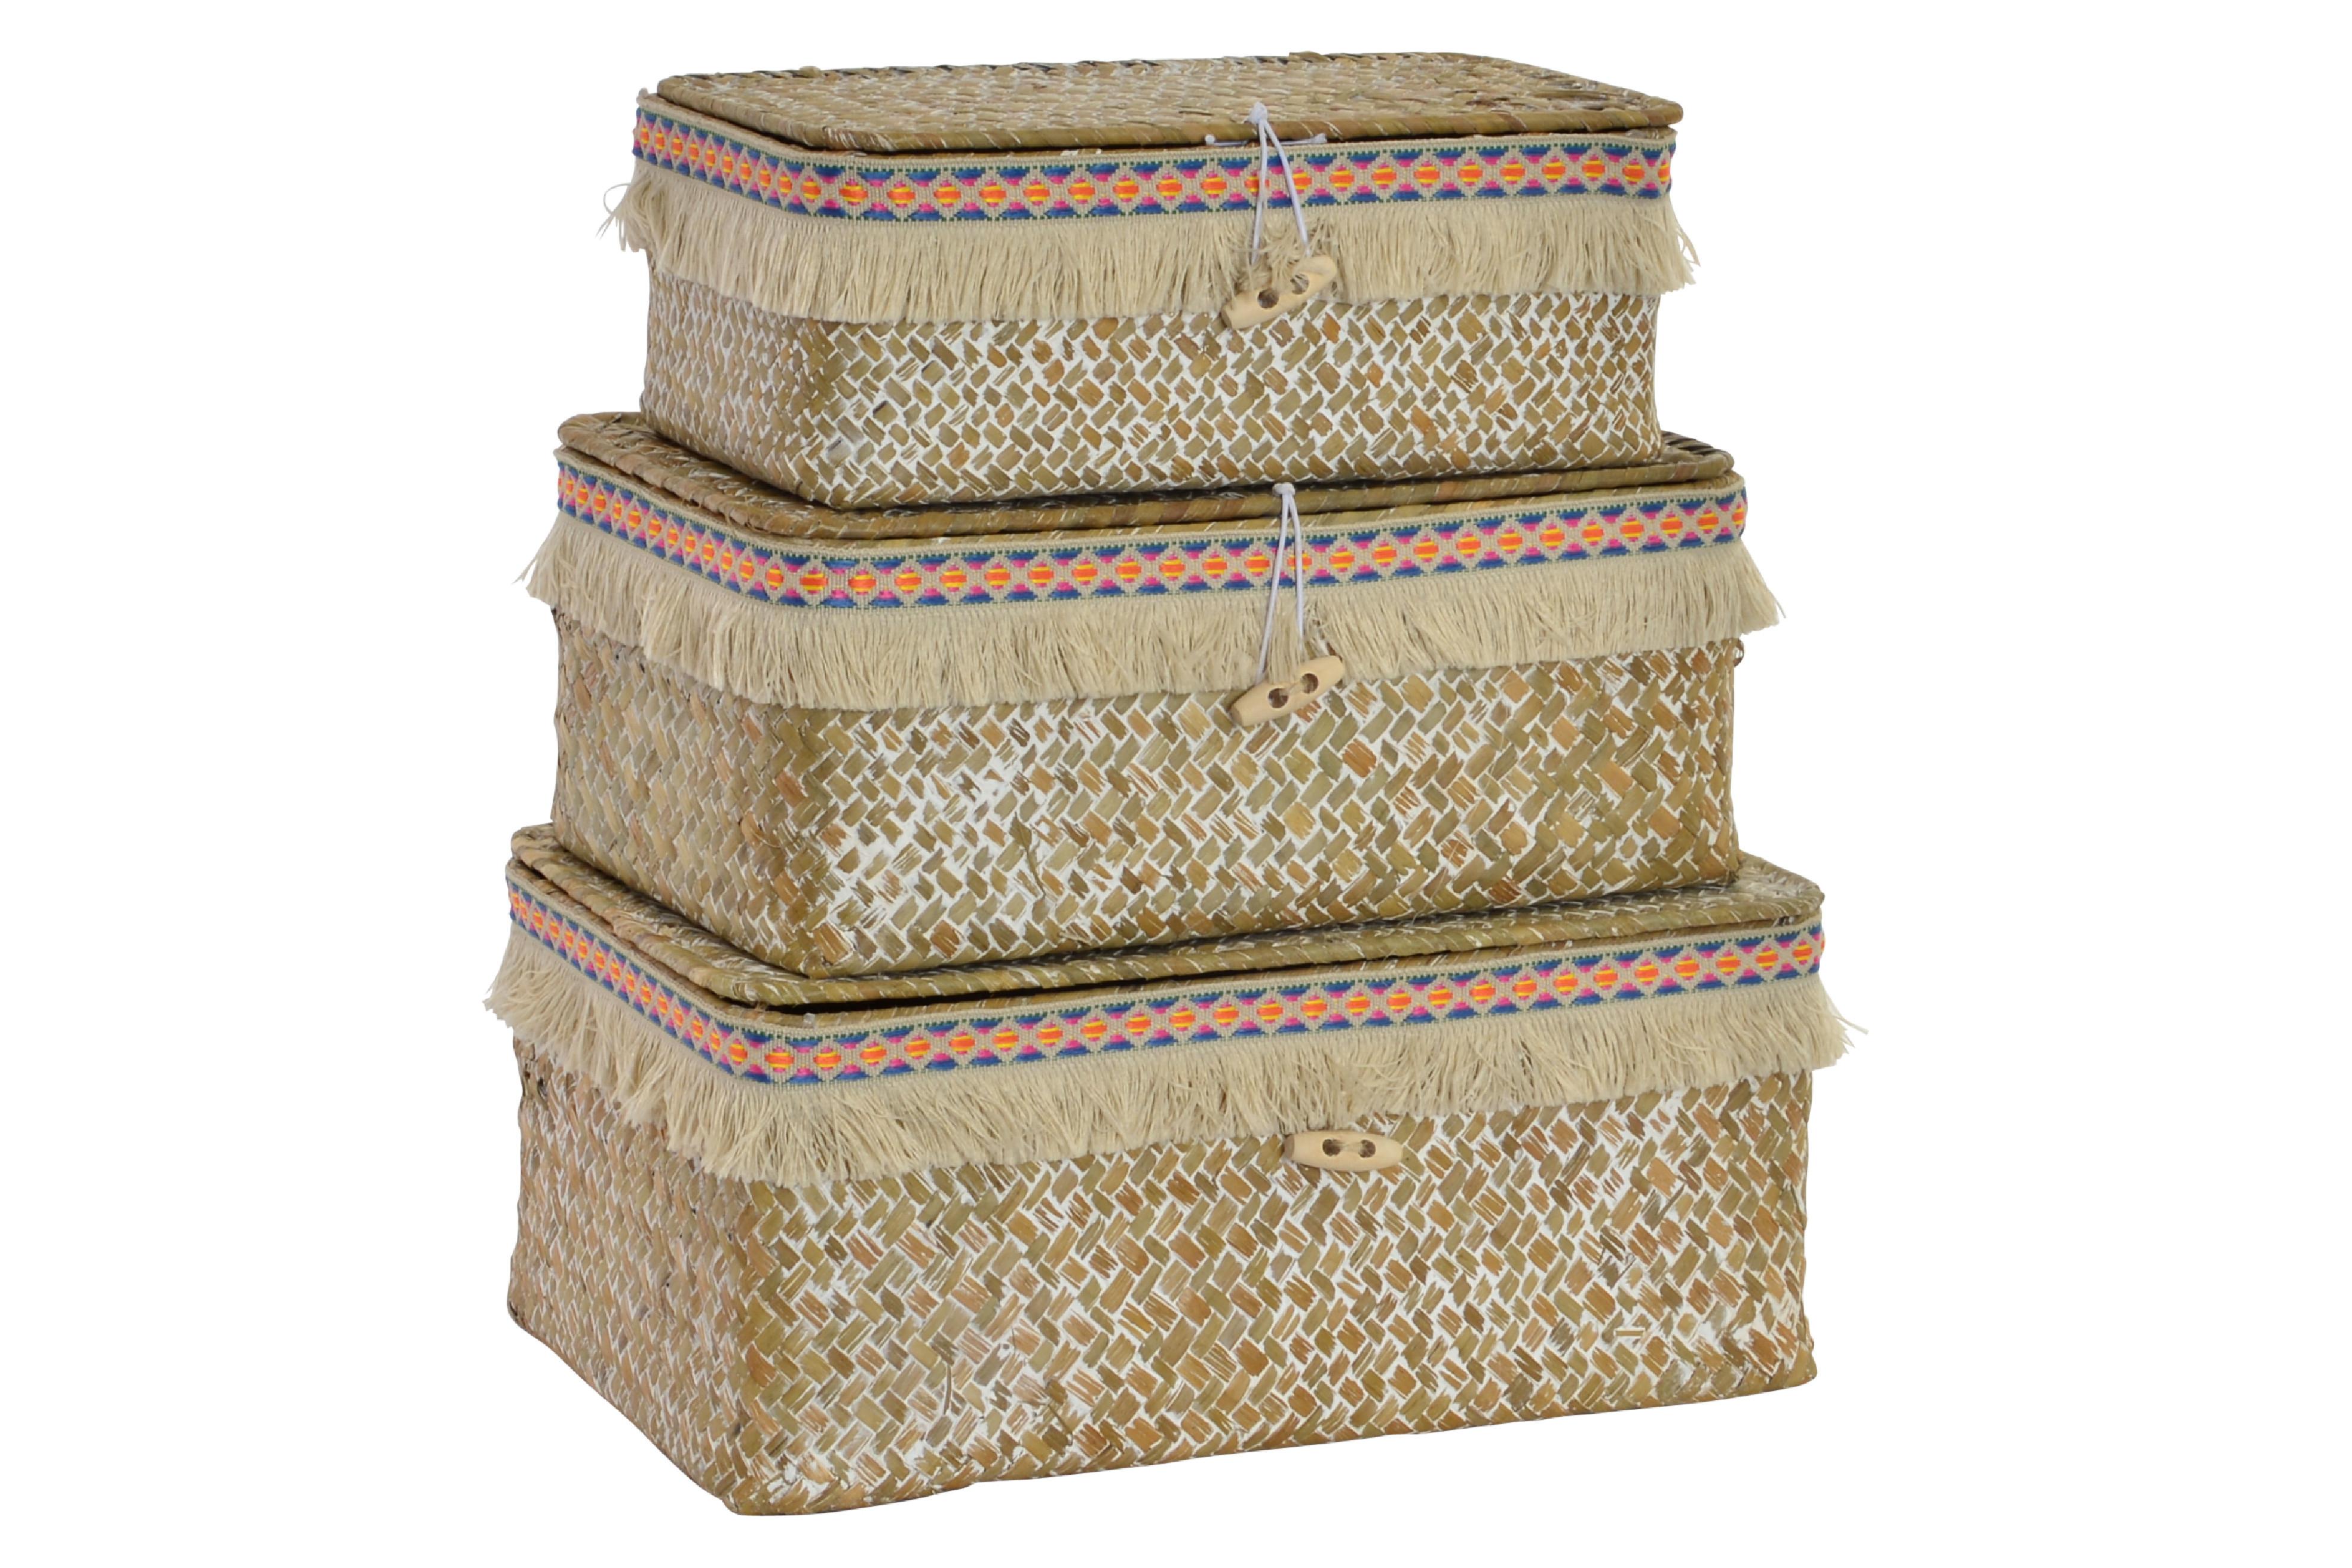 Set de 3 cestas de fibra con estilo Boho - Hogar y más